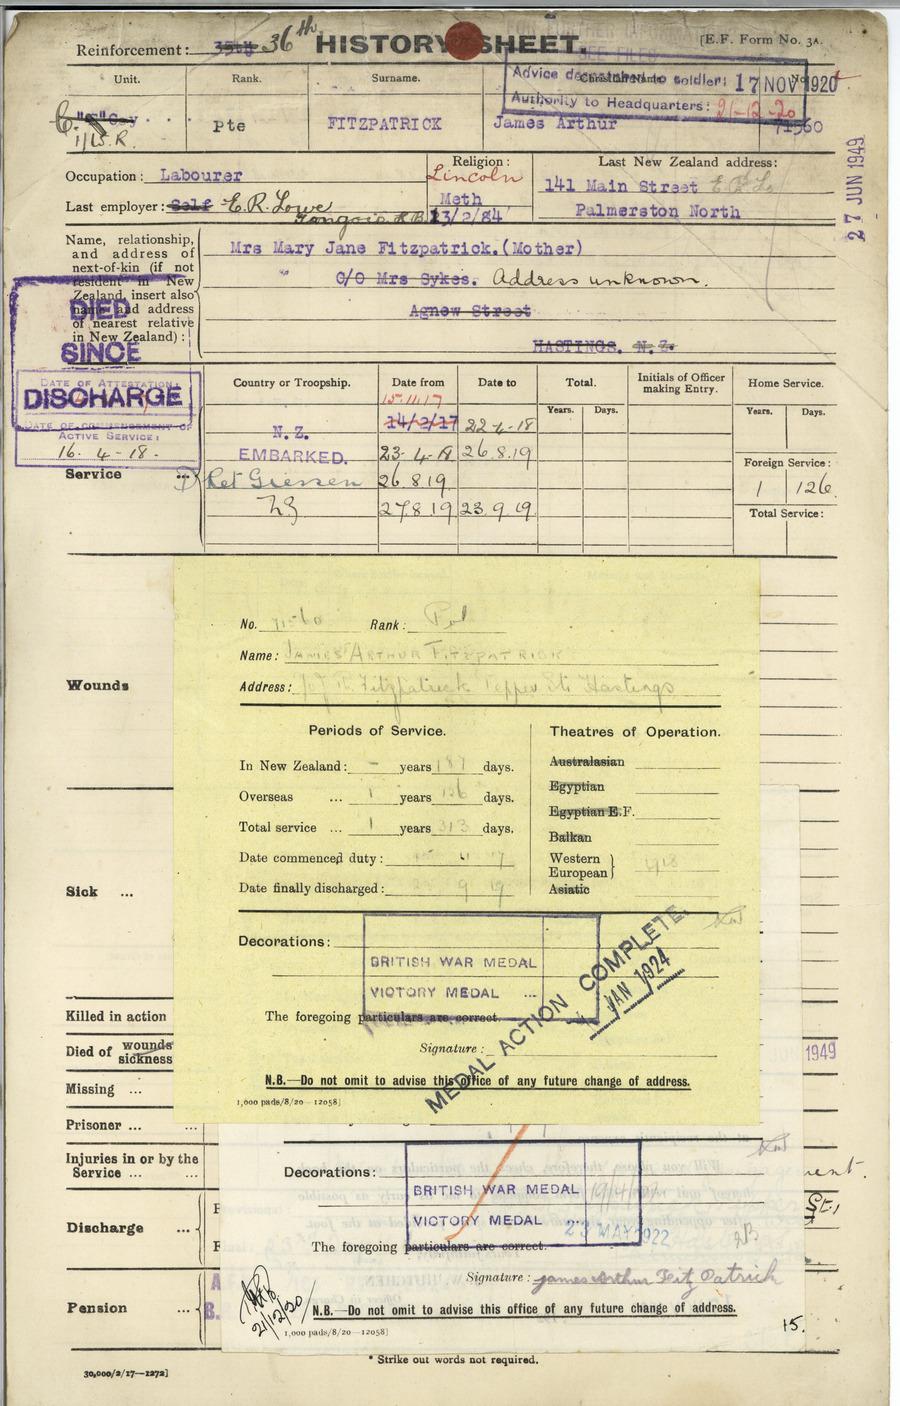 FITZPATRICK, James Arthur - WW1 71560 - Army